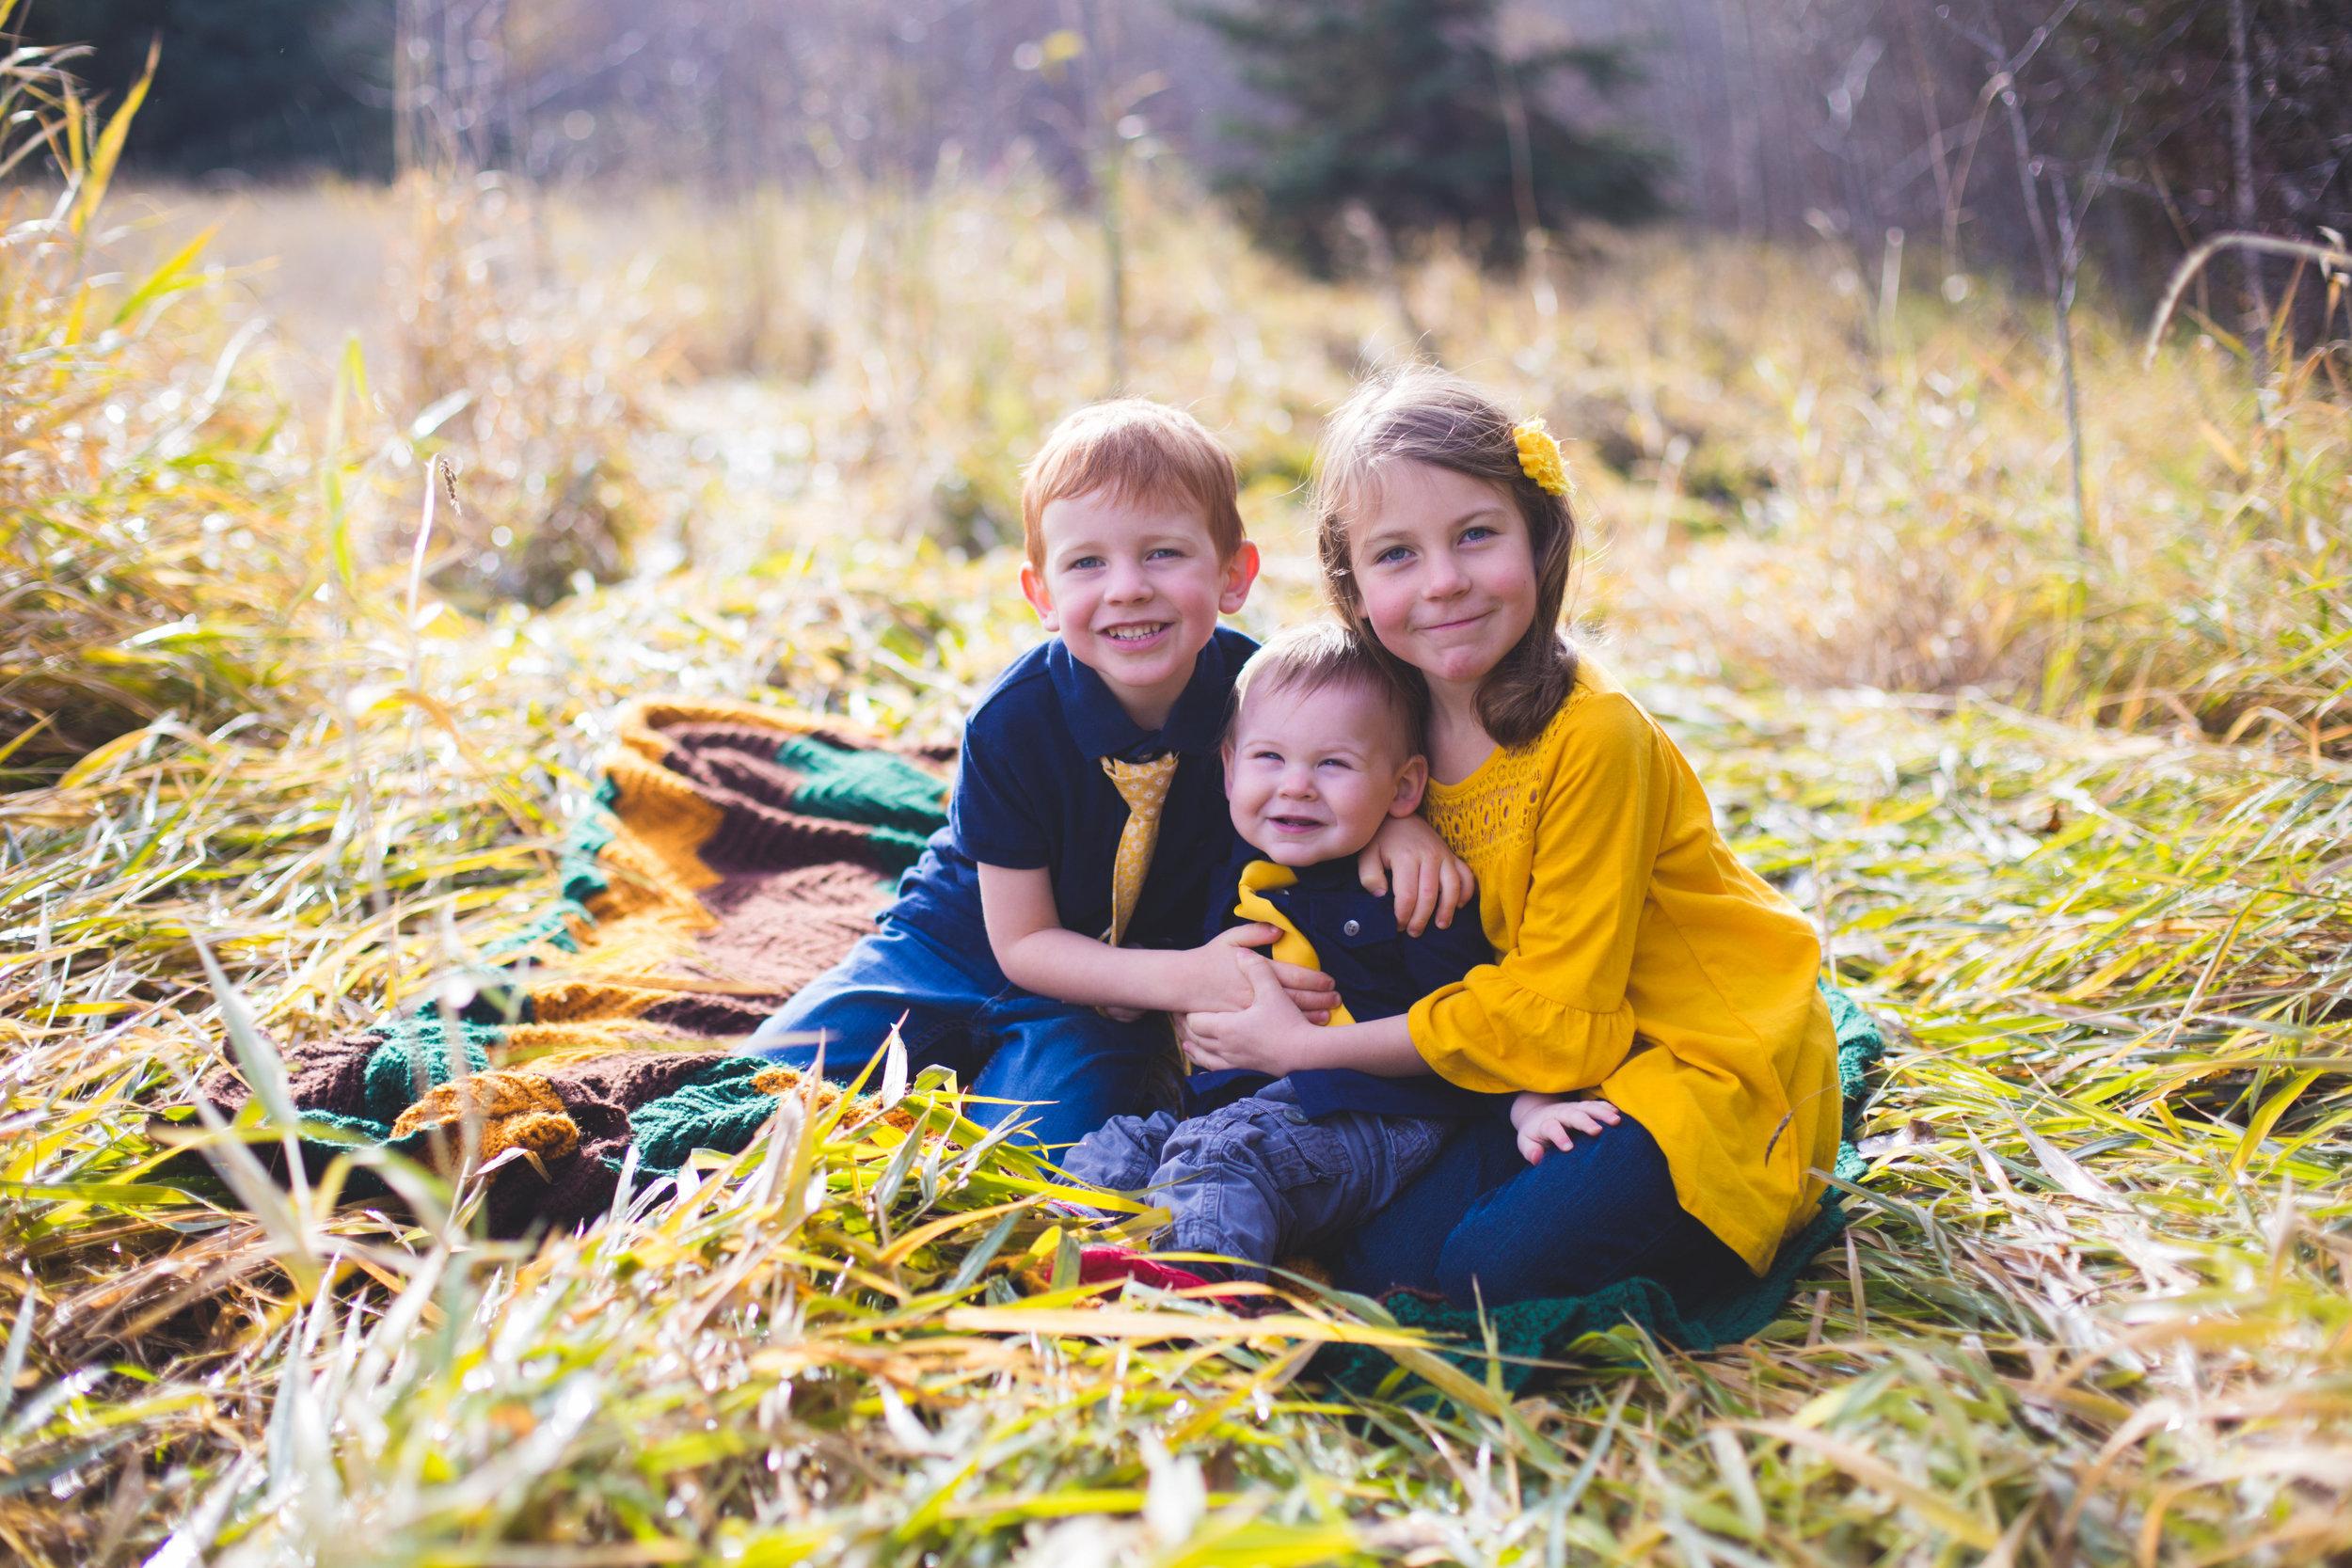 Krefting Family-Krefting Family-0020.jpg